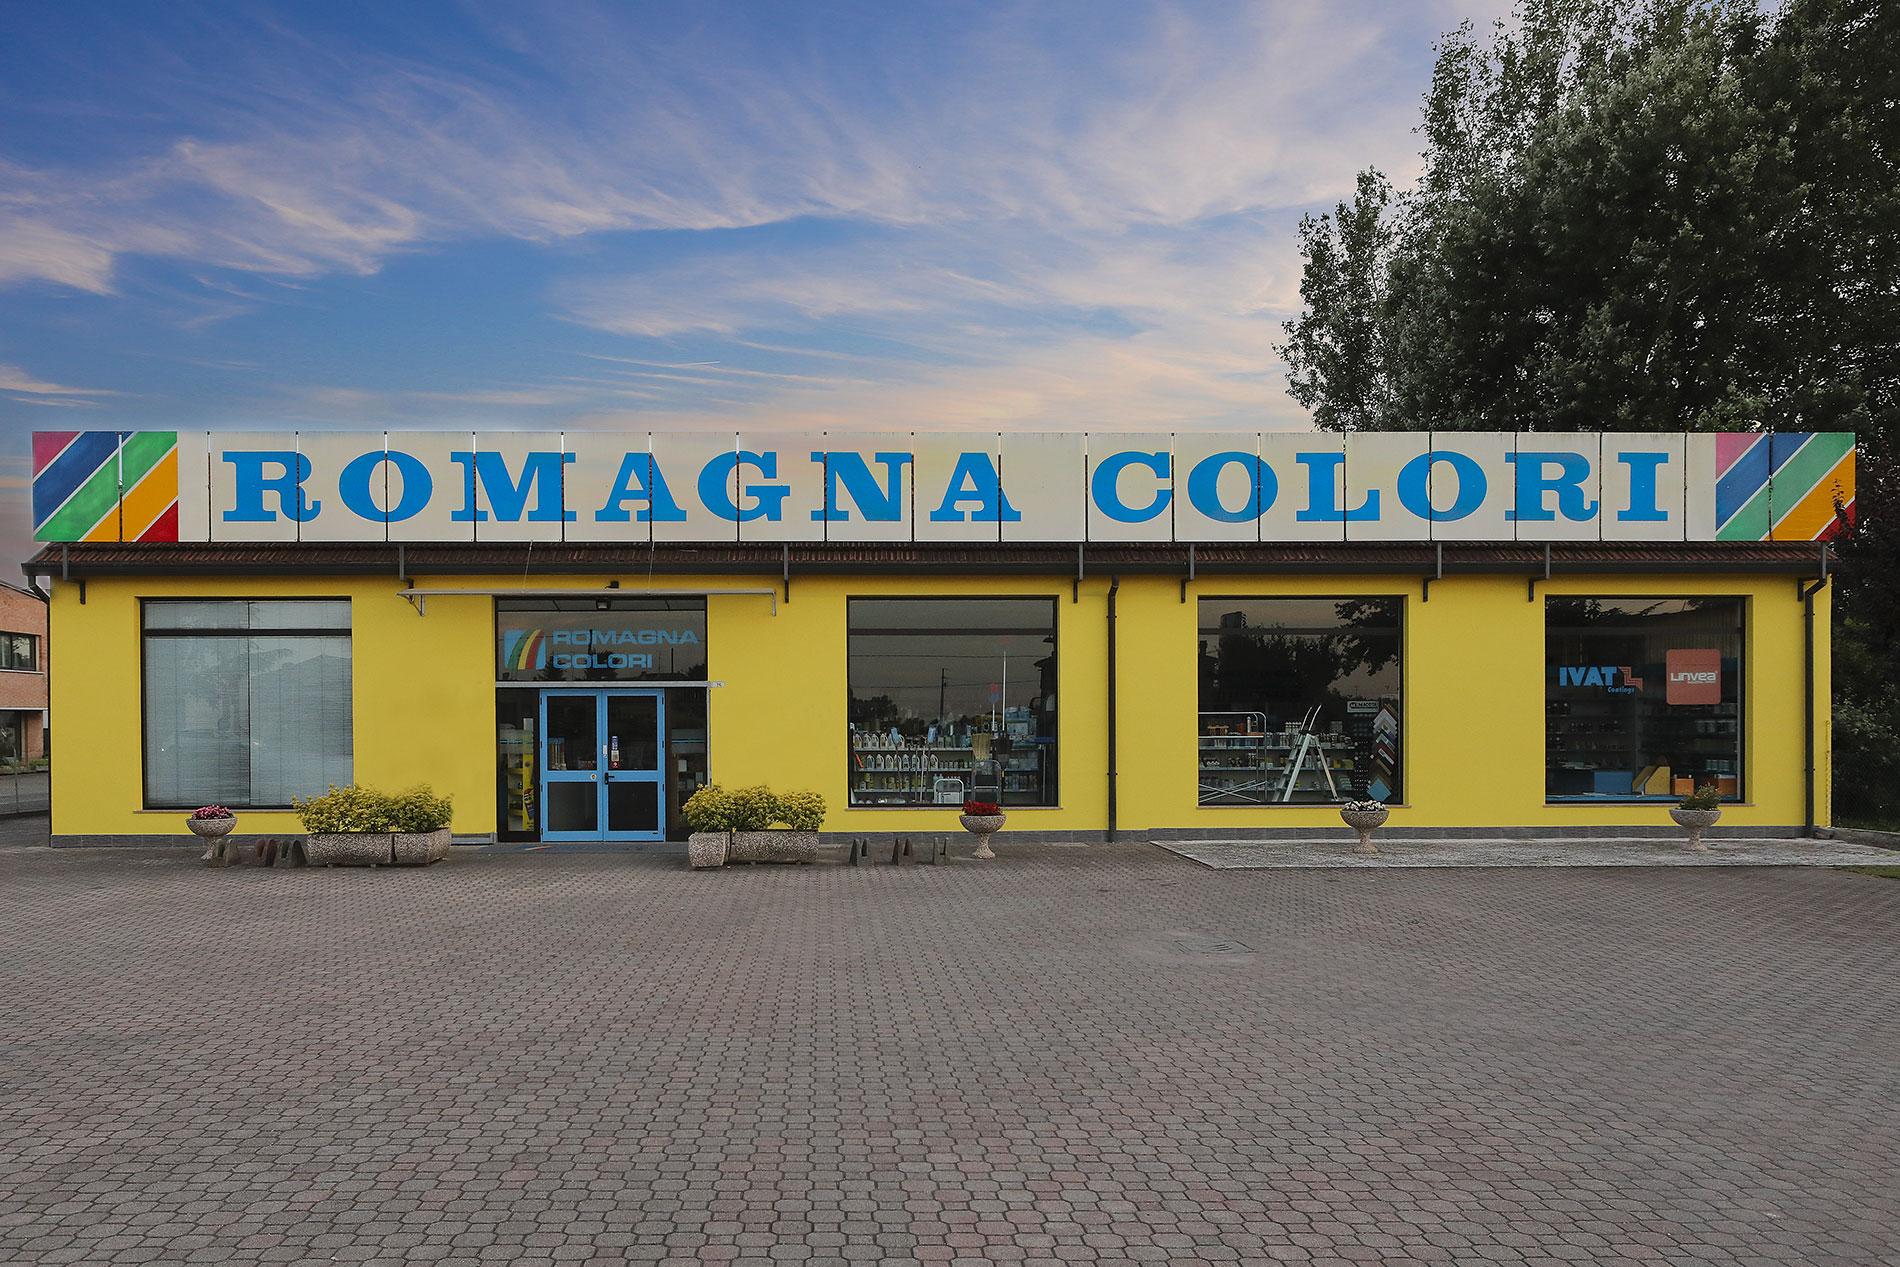 Colorificio | Romagna Colori